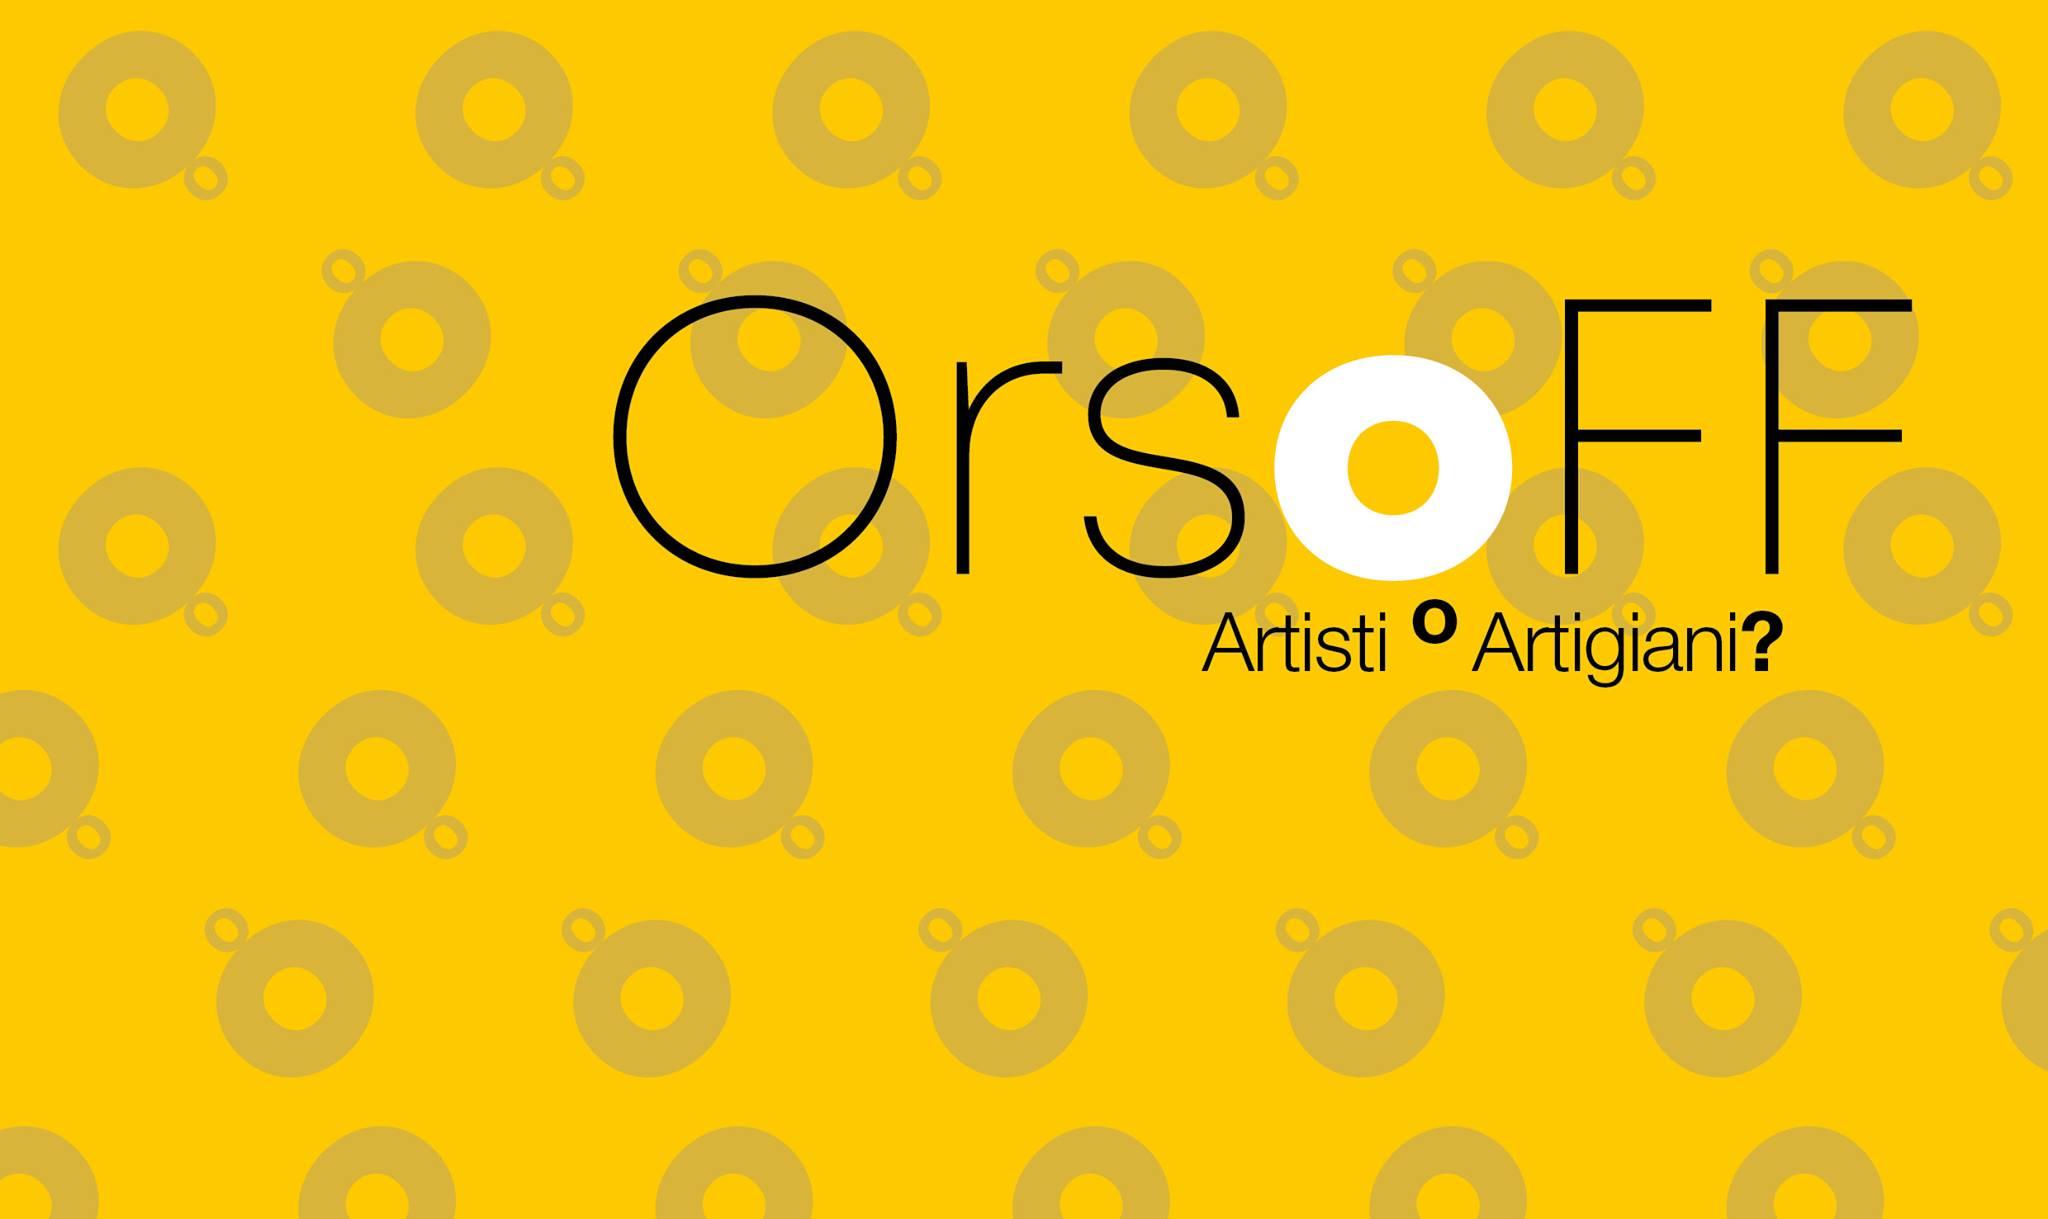 OrssOff